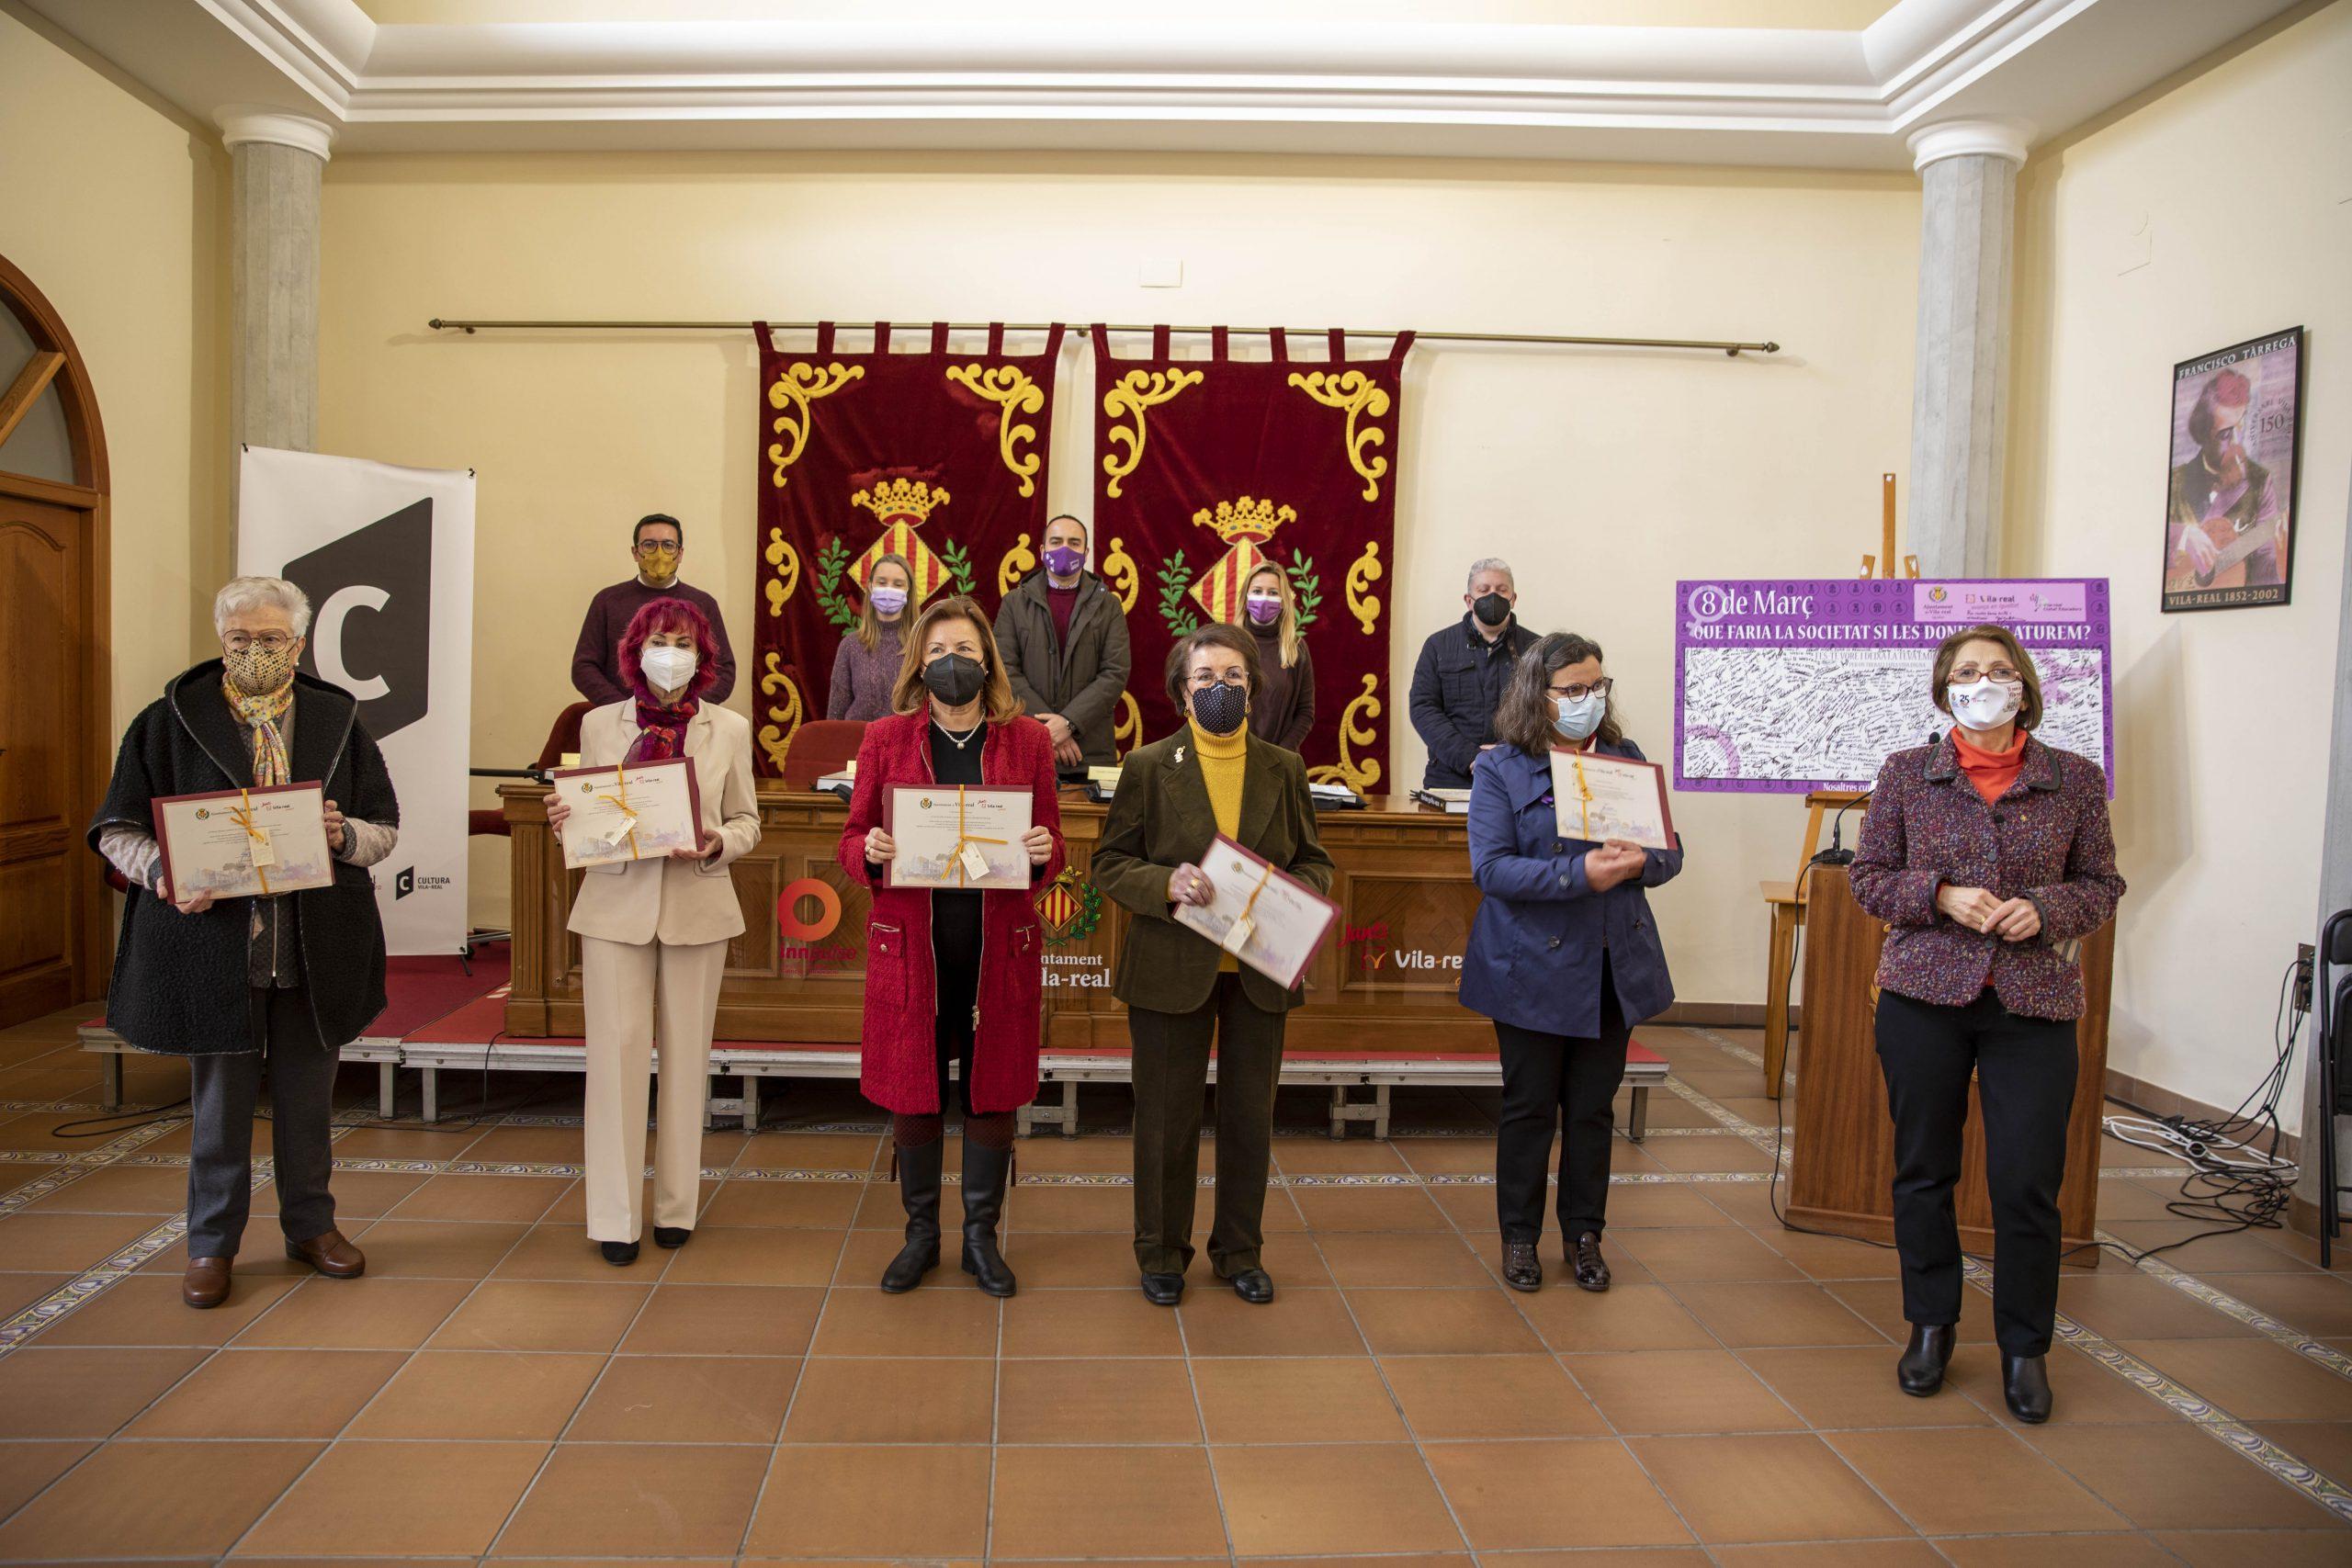 Vila-real celebra el Día Internacional de las Mujeres con el reto de seguir luchando por un futuro igualitario en el mundo de la covid-19